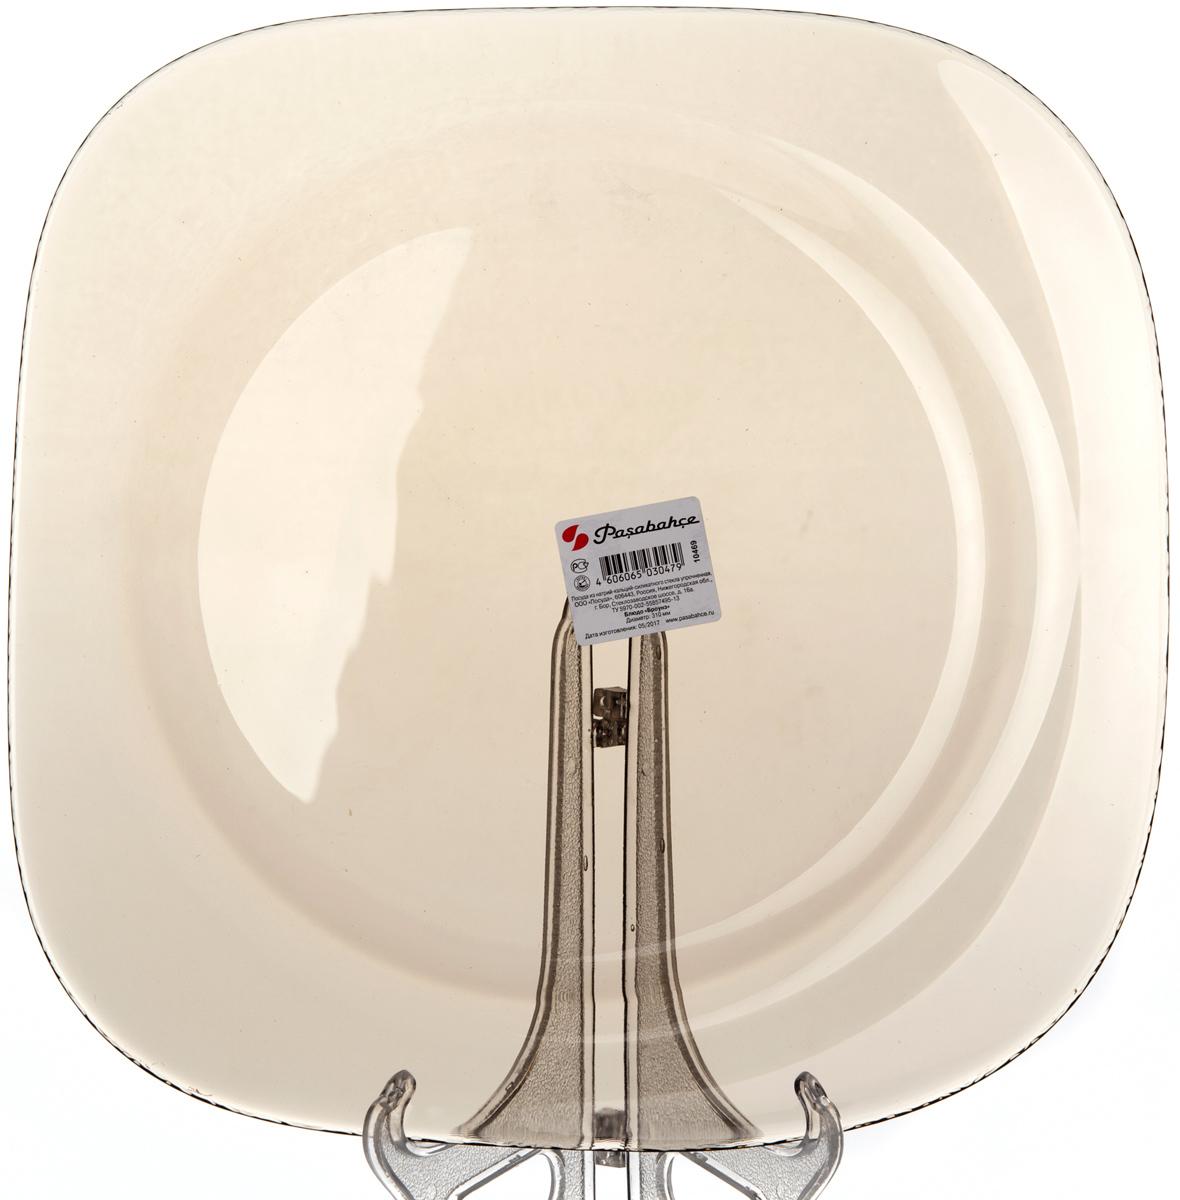 Блюдо Pasabahce Броунз, цвет: коричневый, диаметр 31 см10469SLBZTТарелка из закаленного стекла БРОУНЗ d=310 мм (прозрачное тонированное стекло)